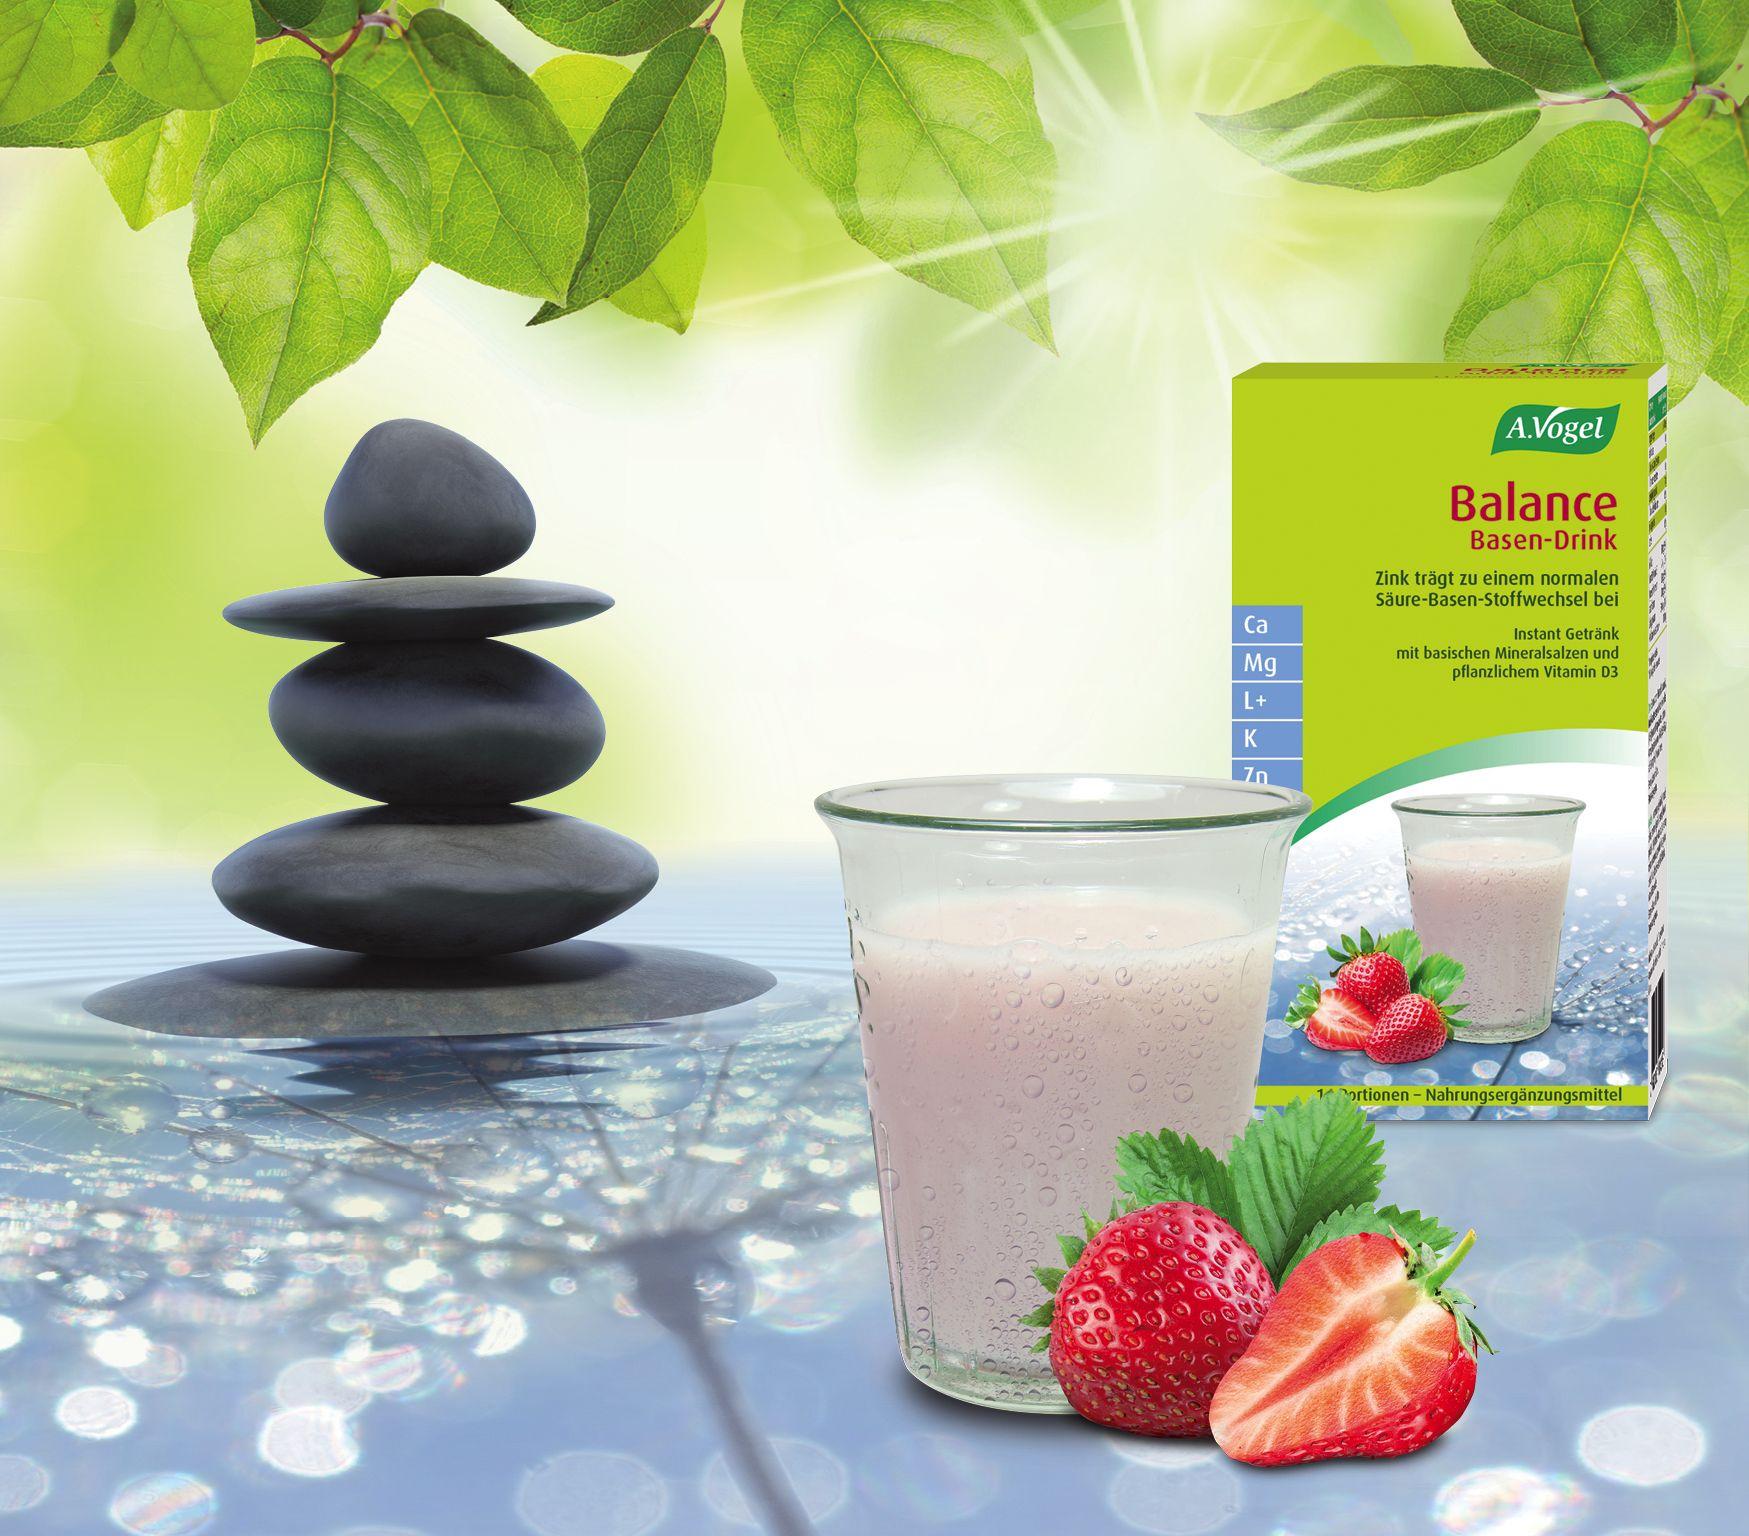 Den Neuen Balance Basen-drink Von A.vogel Schon Probiert? Fruchtig ... Wie Man Einen Gesunden Gemuse Garten Plant Und Aufrechterhalt